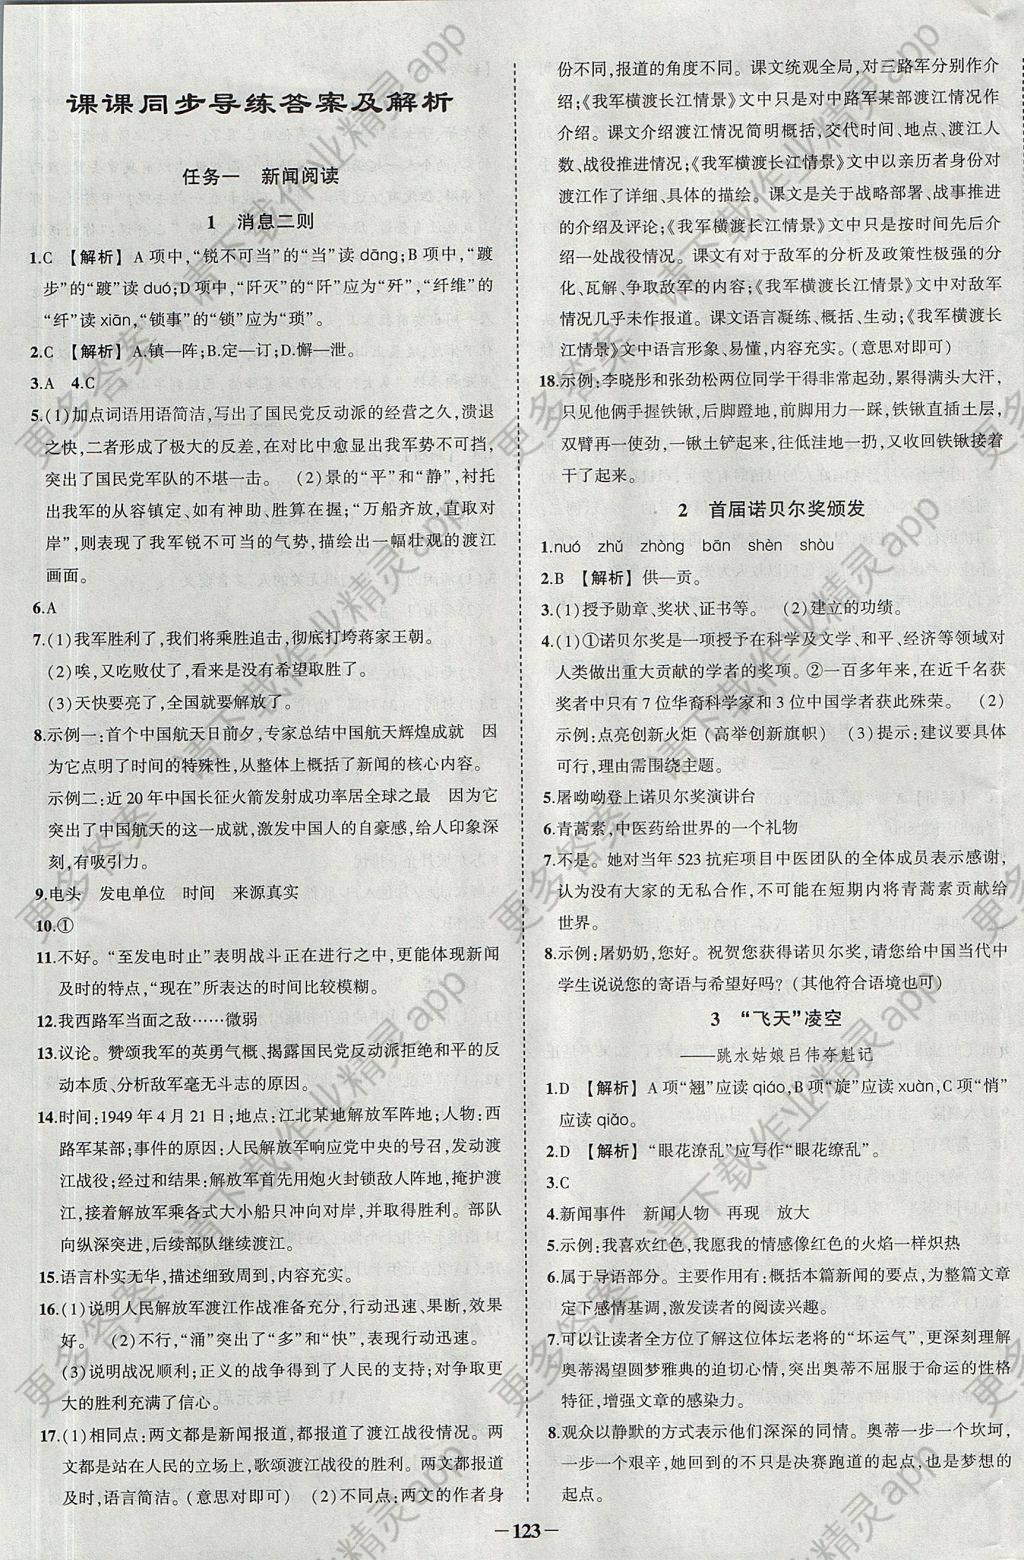 2017年黄冈状元导练导学案八年级语文上册人教版 参考答案